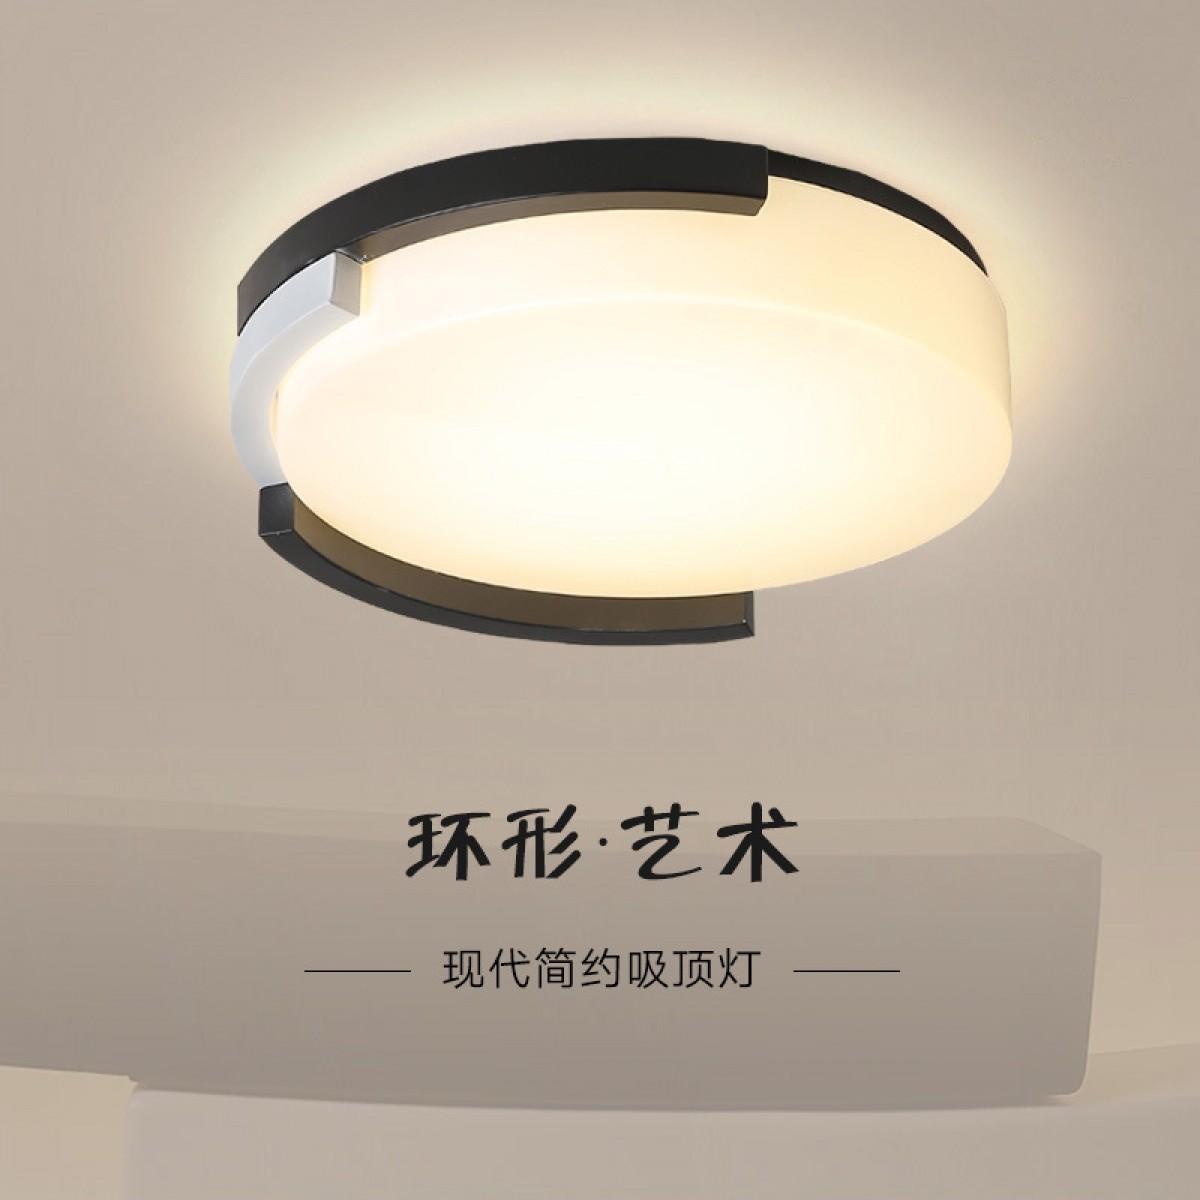 简约现代led吸顶灯房间灯北欧灯具主卧室灯 2019新款书房灯具